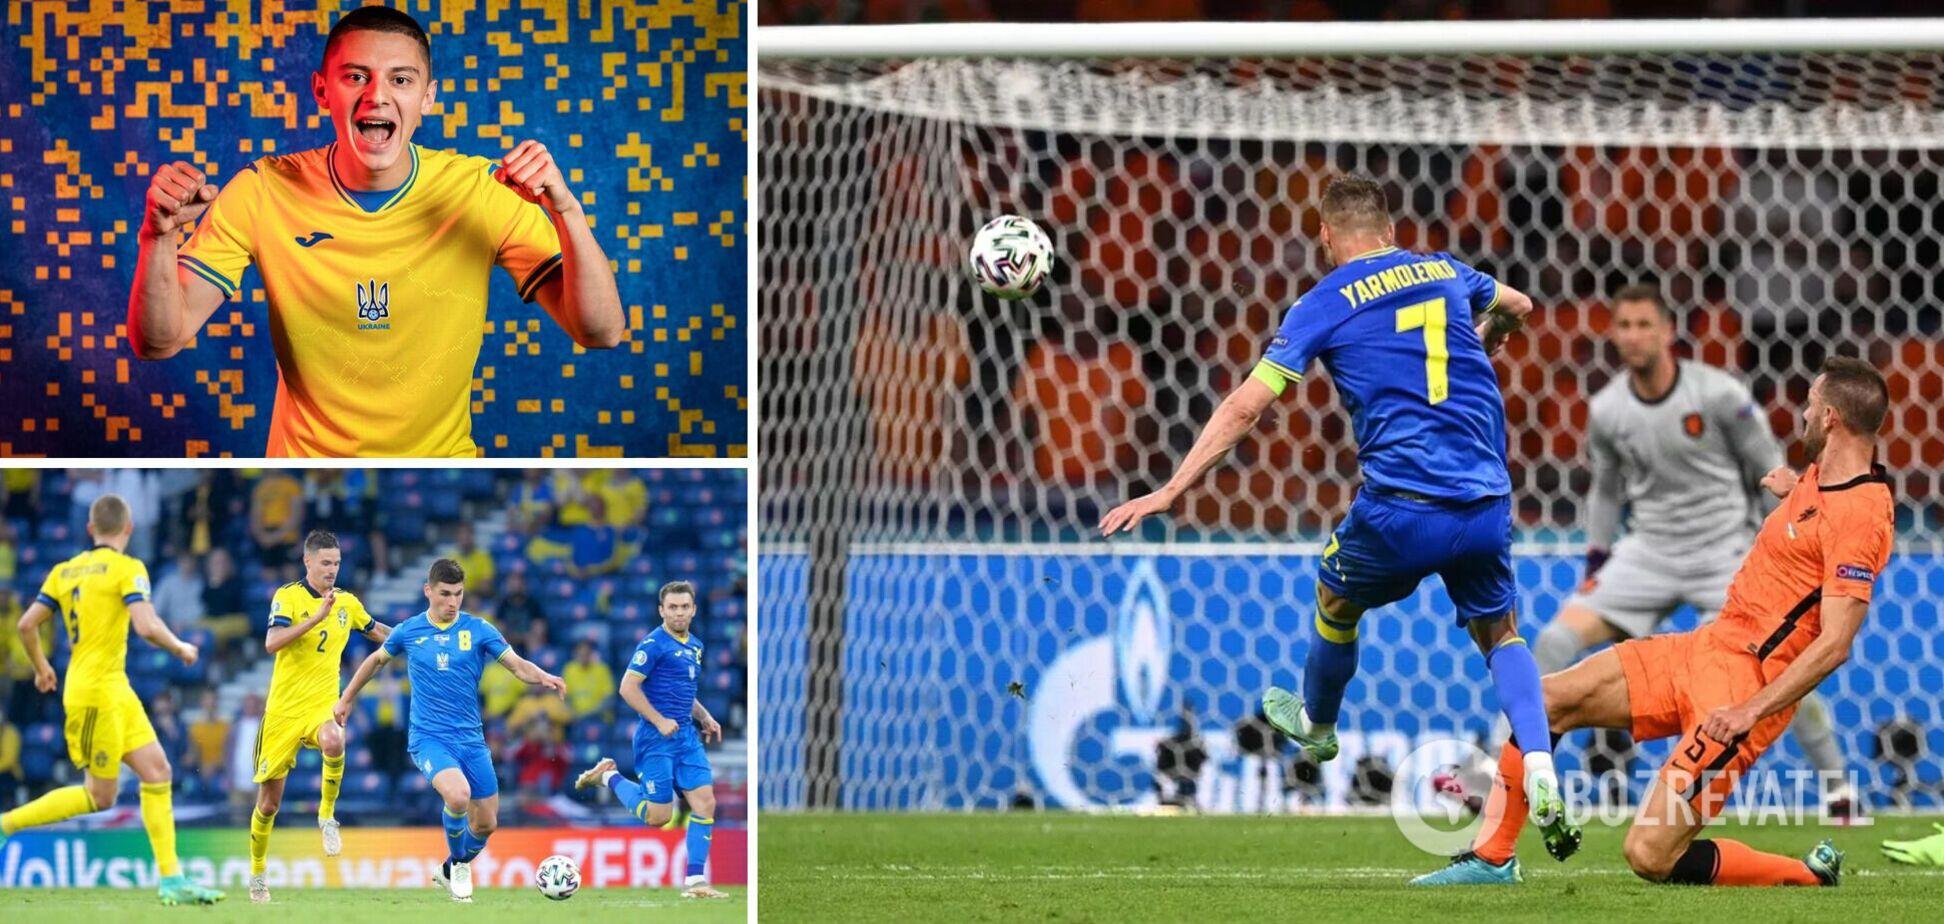 Названо найкращого футболіста збірної України на Євро-2020